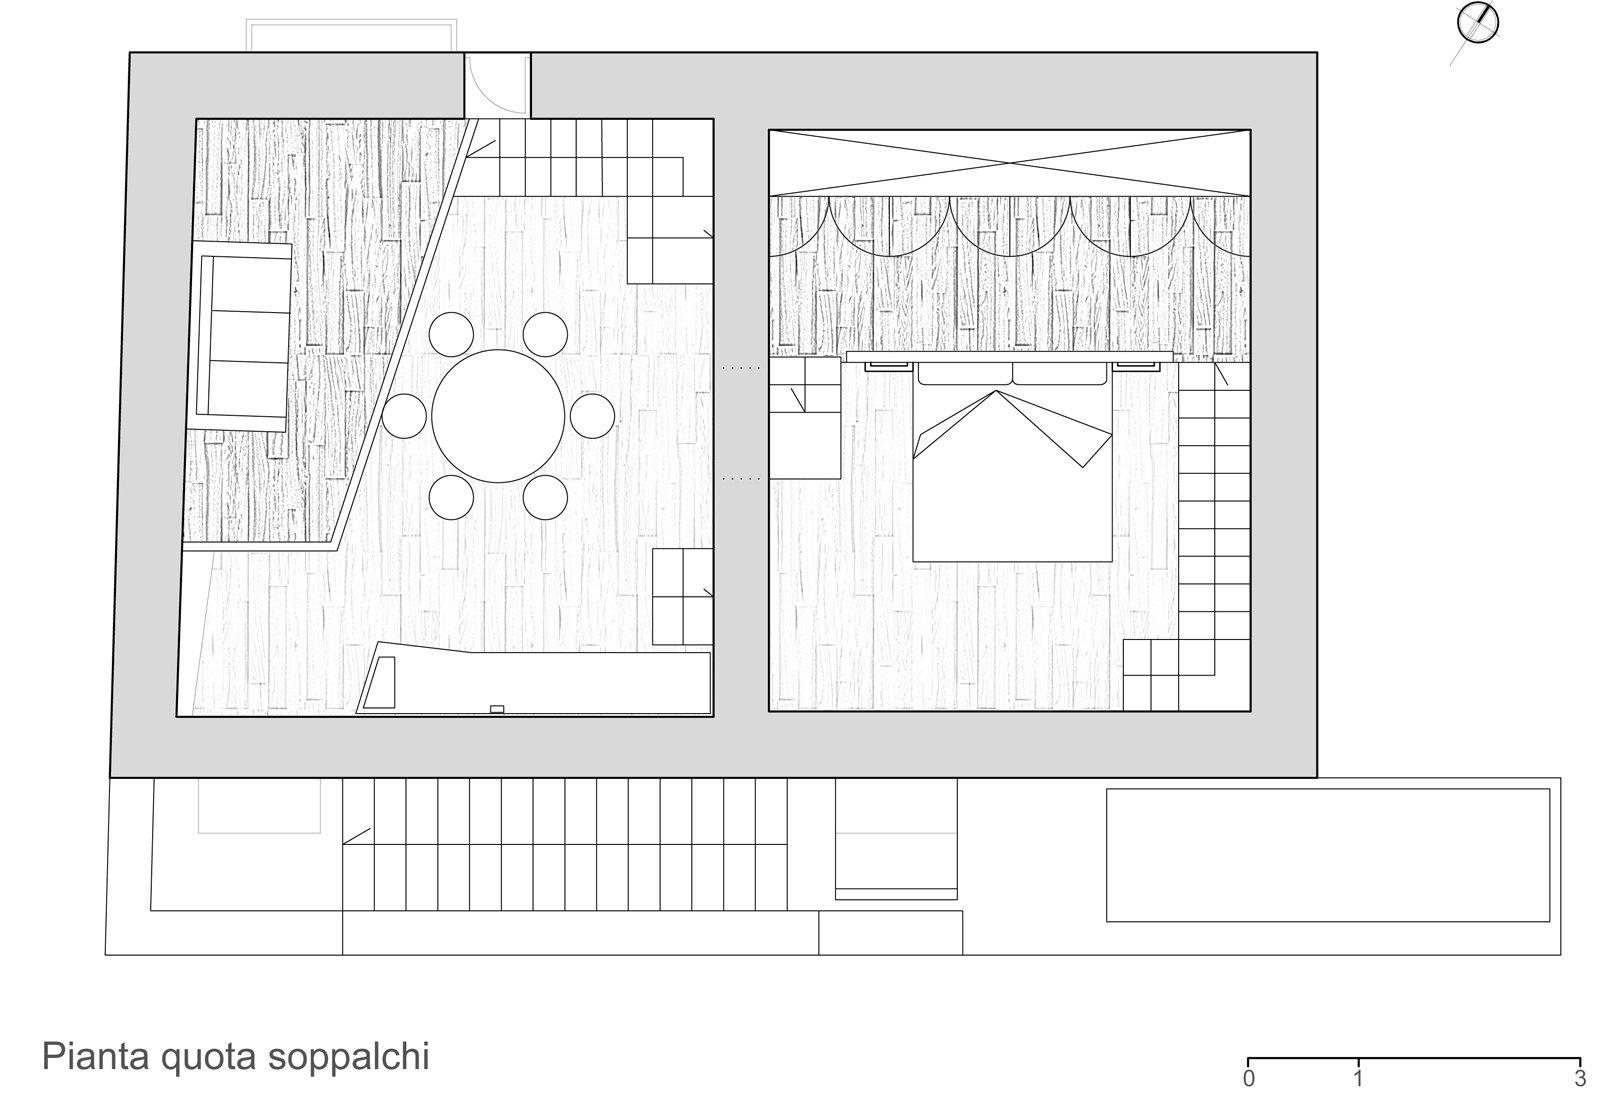 Fotoc pianta piano soppalco cose di casa - Altezza parapetti finestre normativa ...